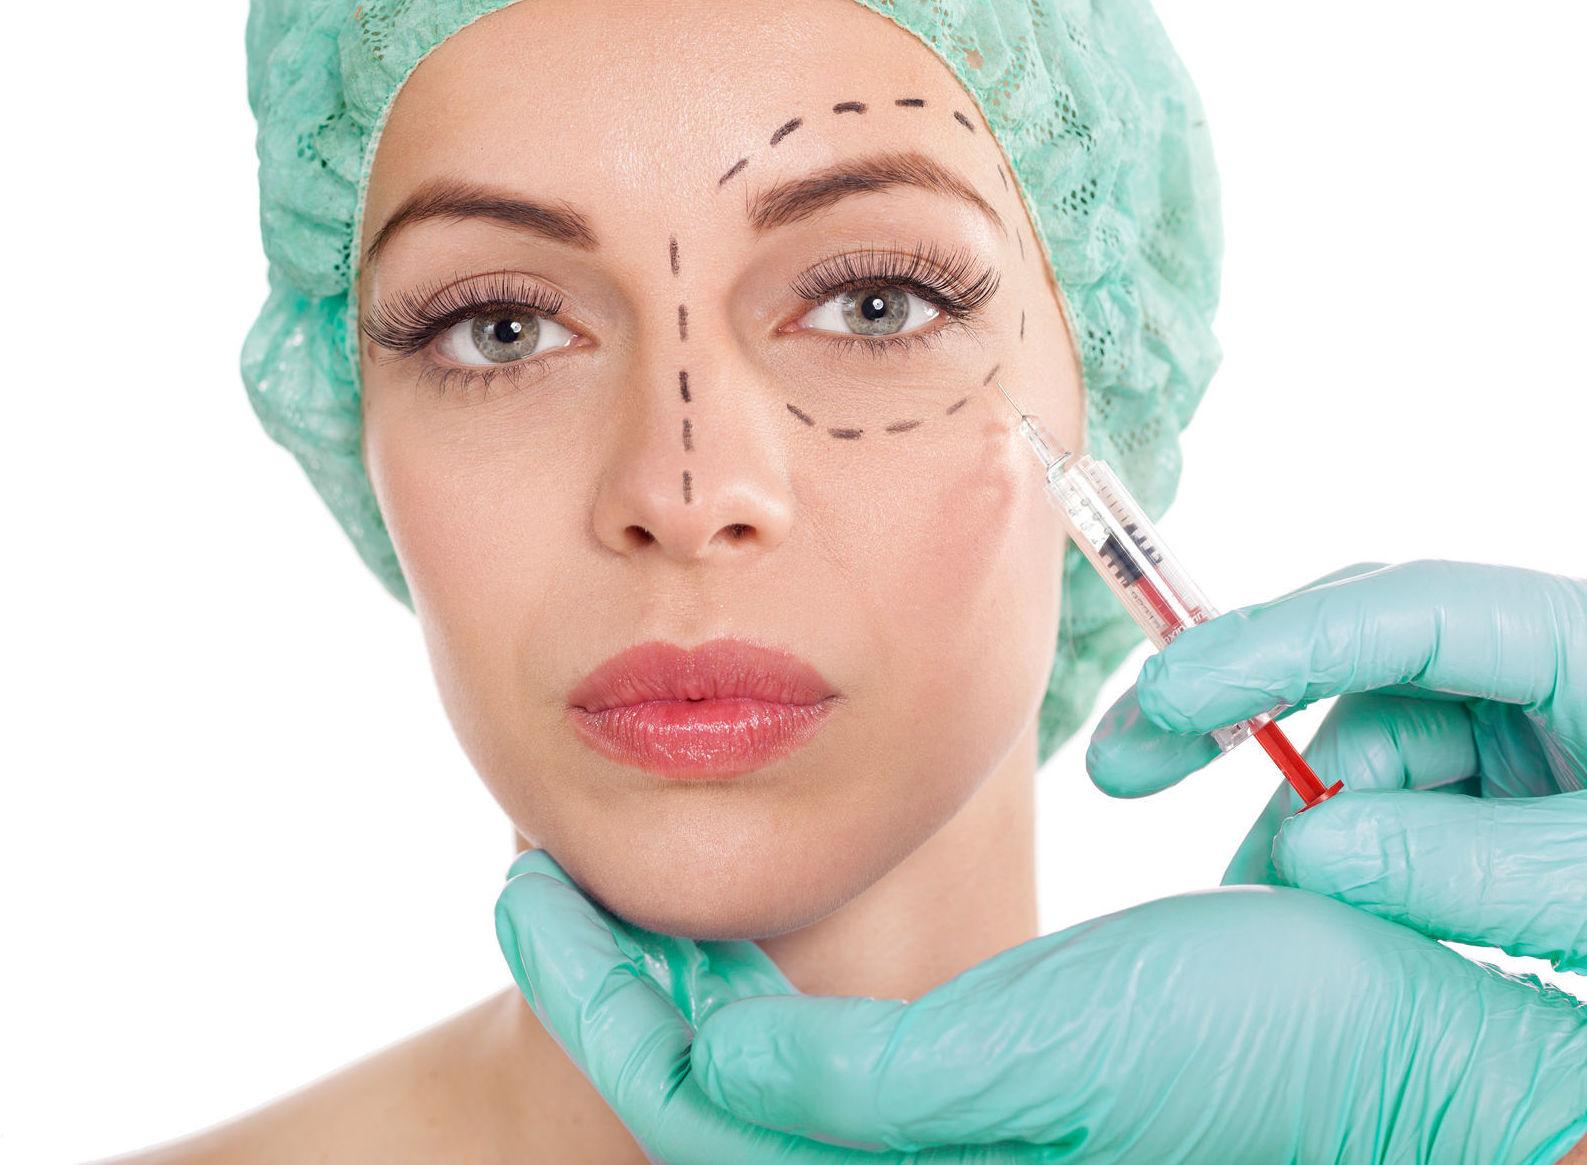 Tratamiento de botox en Getxo